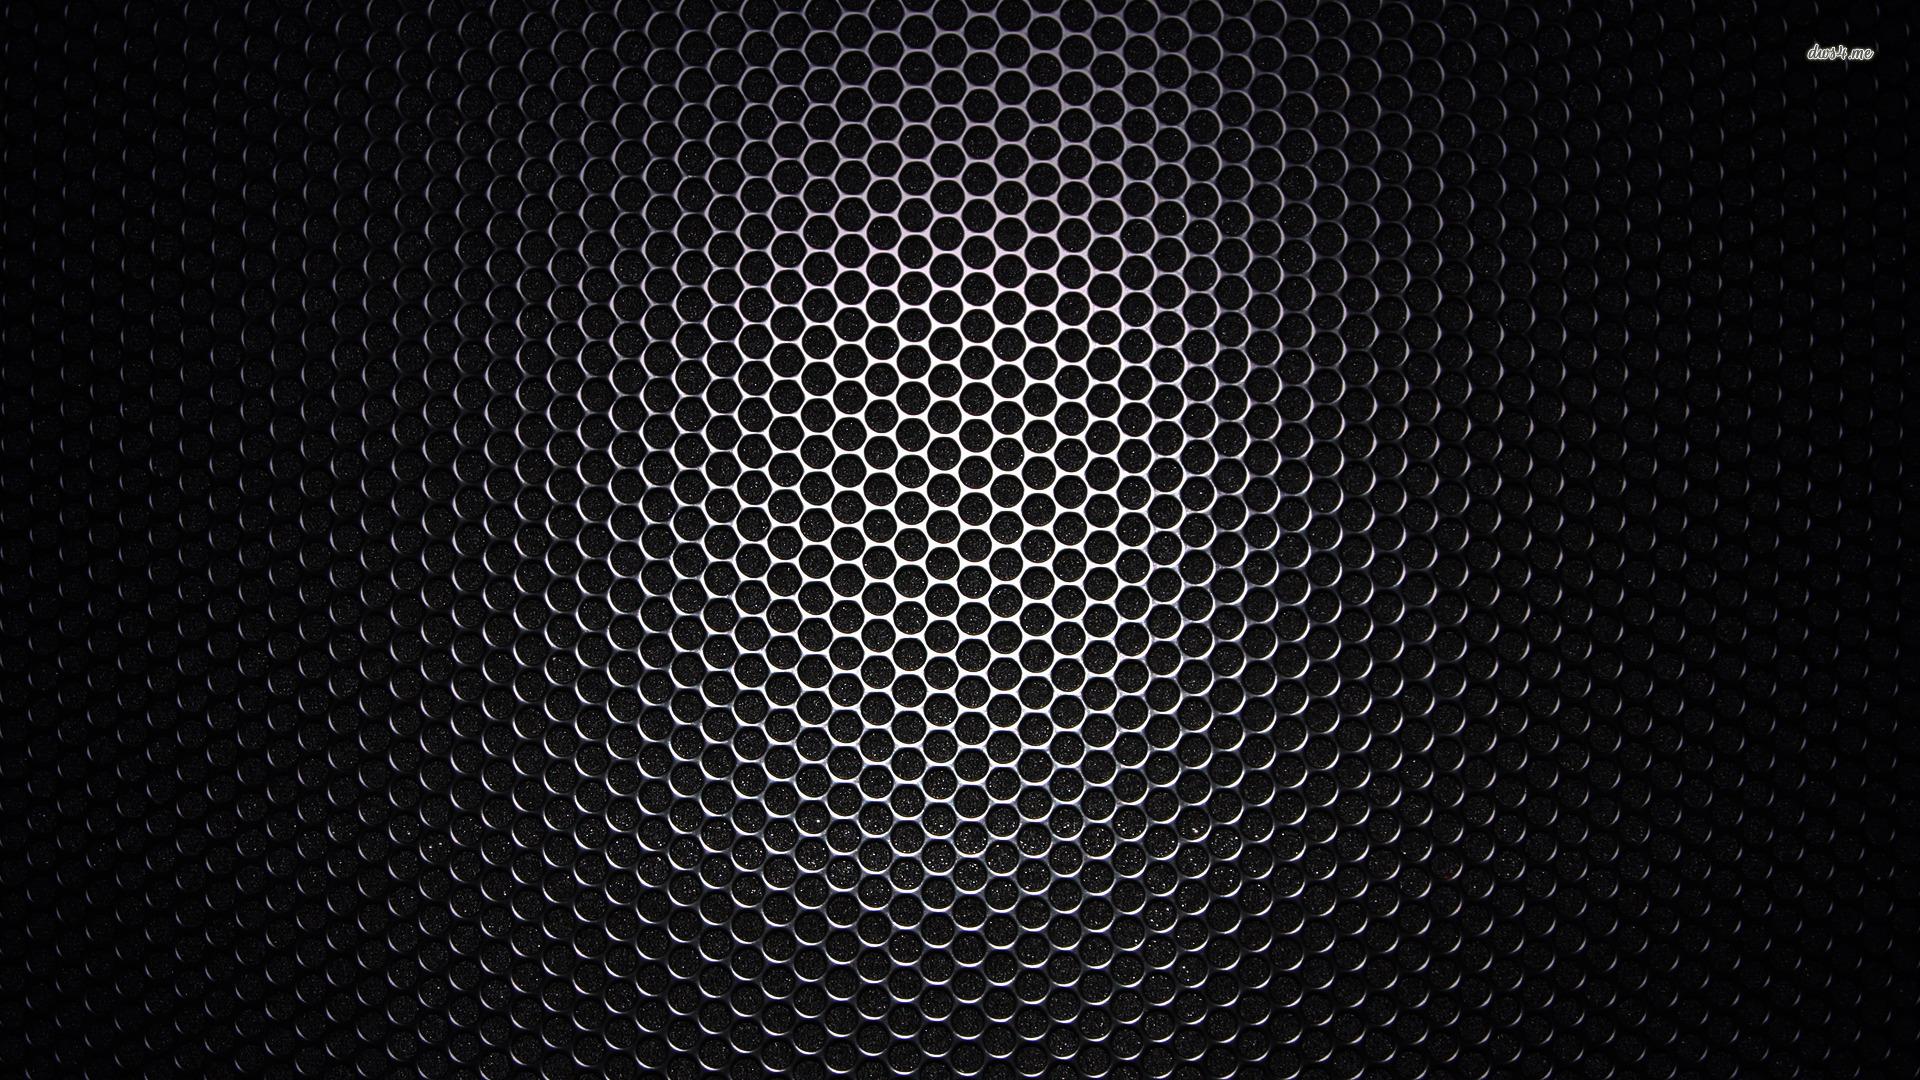 desktop metal wallpapers - photo #17